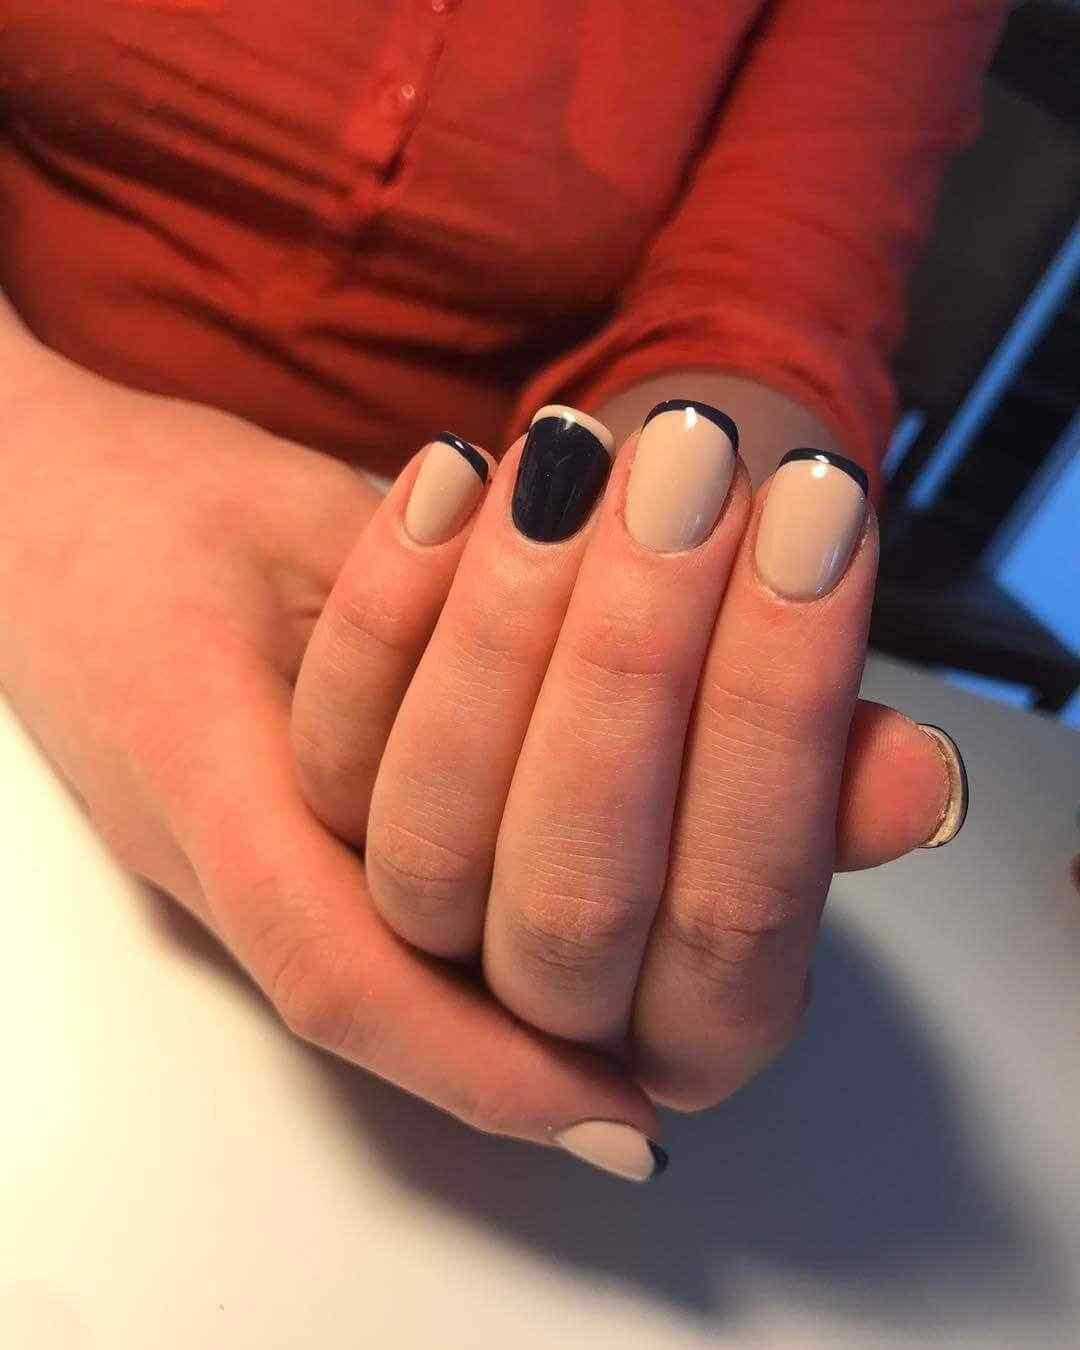 diseño de uñas francesas blanco y negro